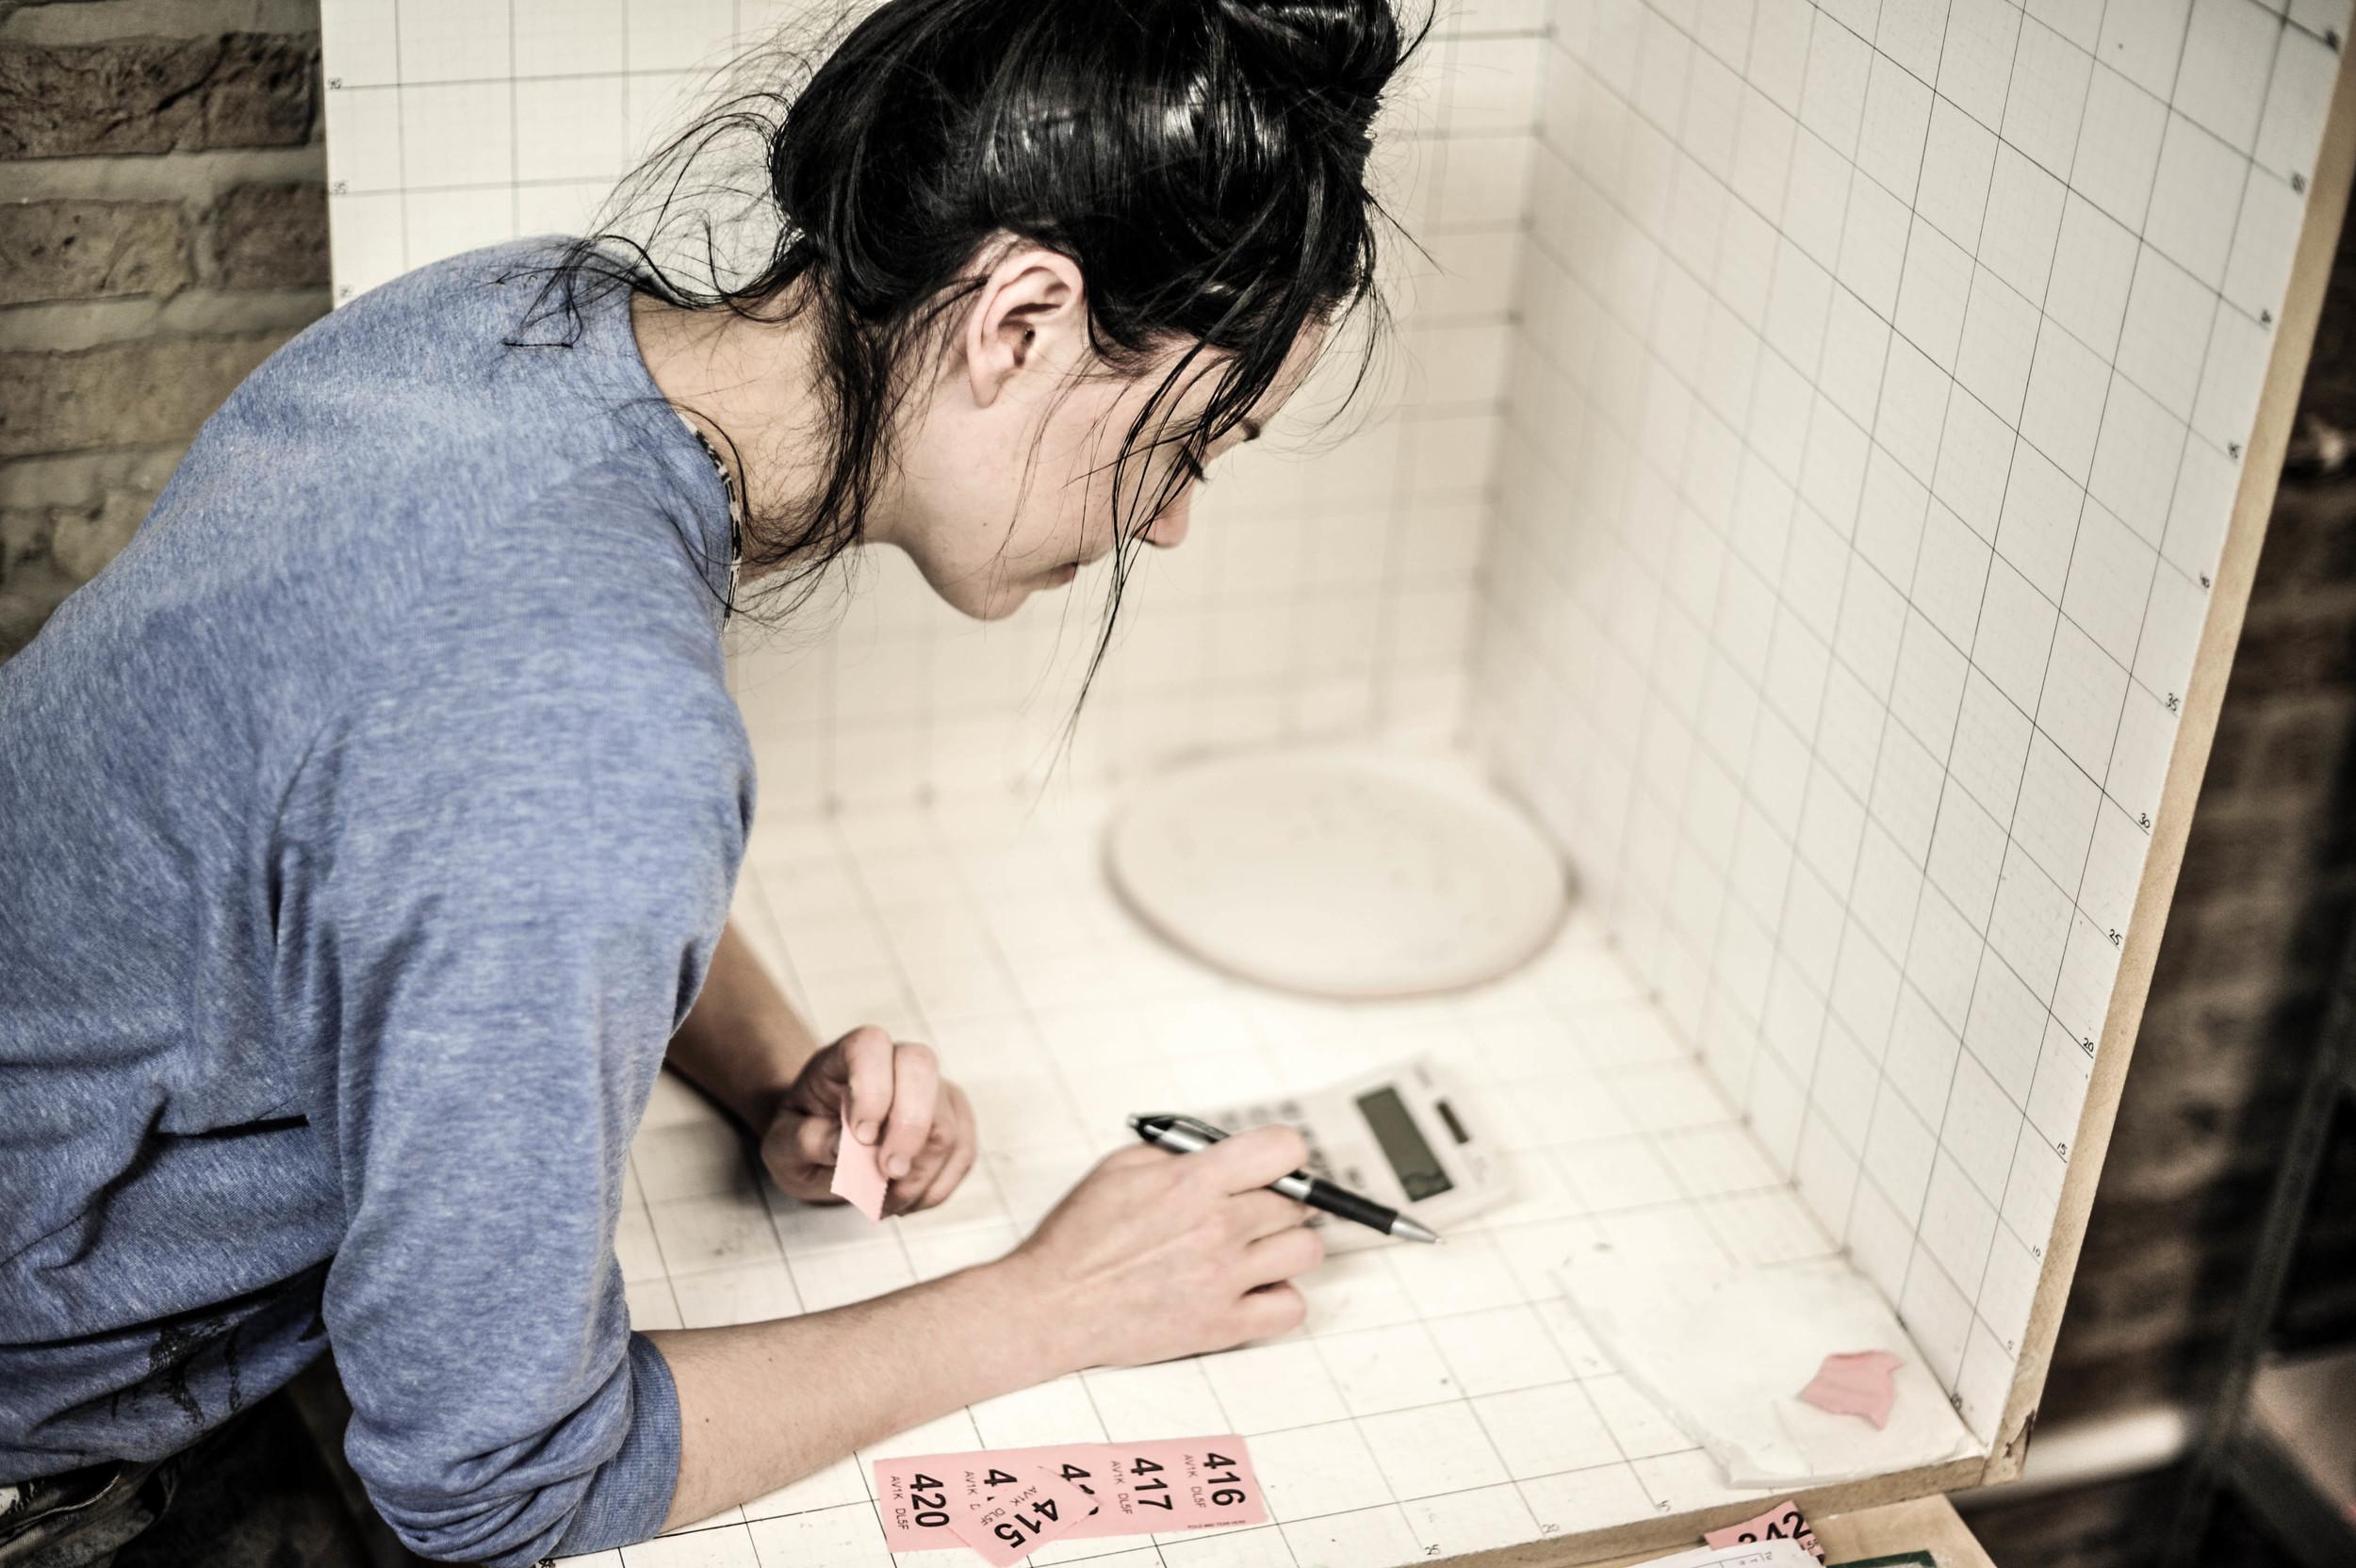 Lisa measuring her glazeware